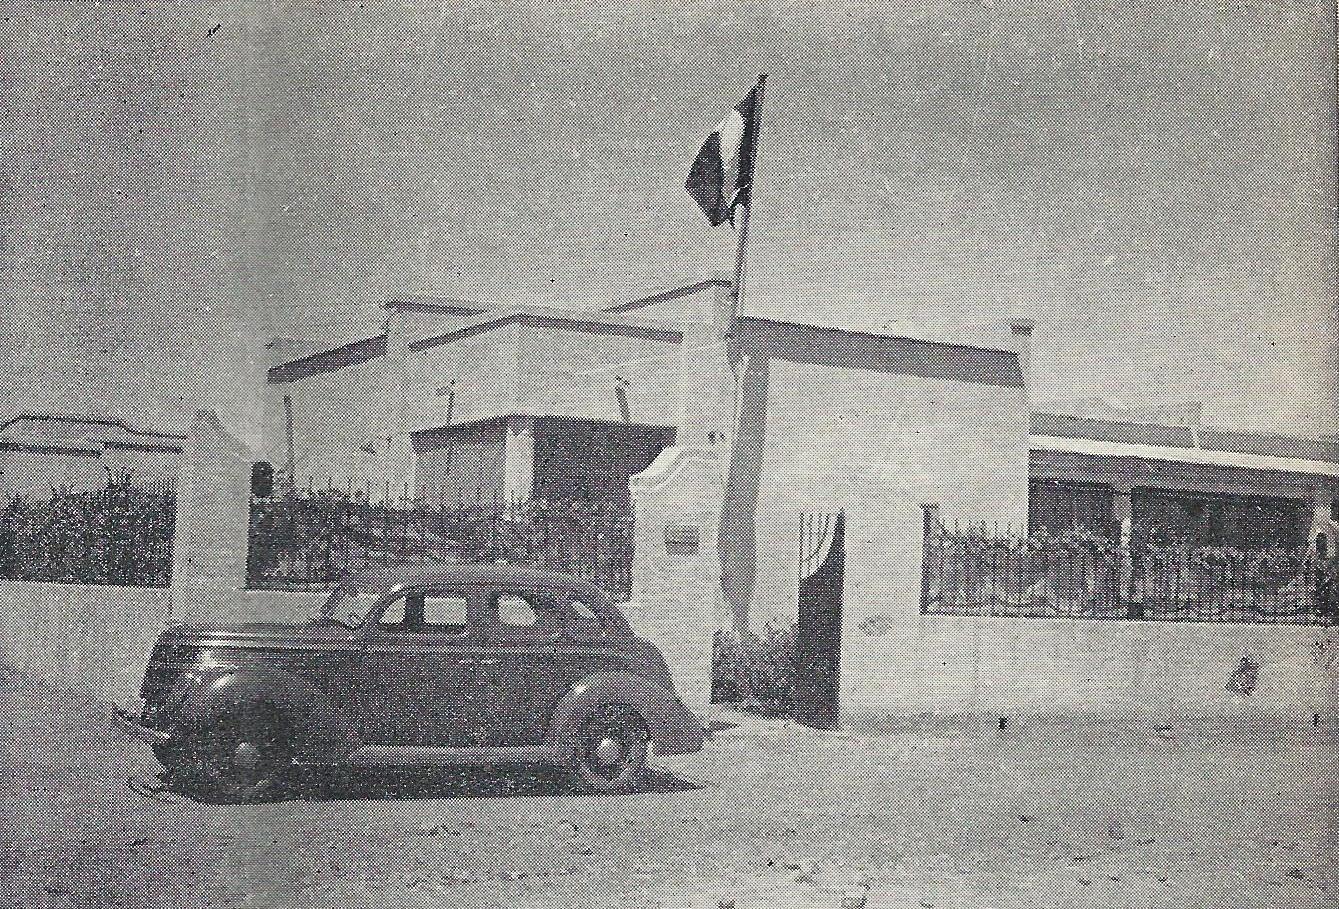 La France Libre au Soudan (1940-1945)